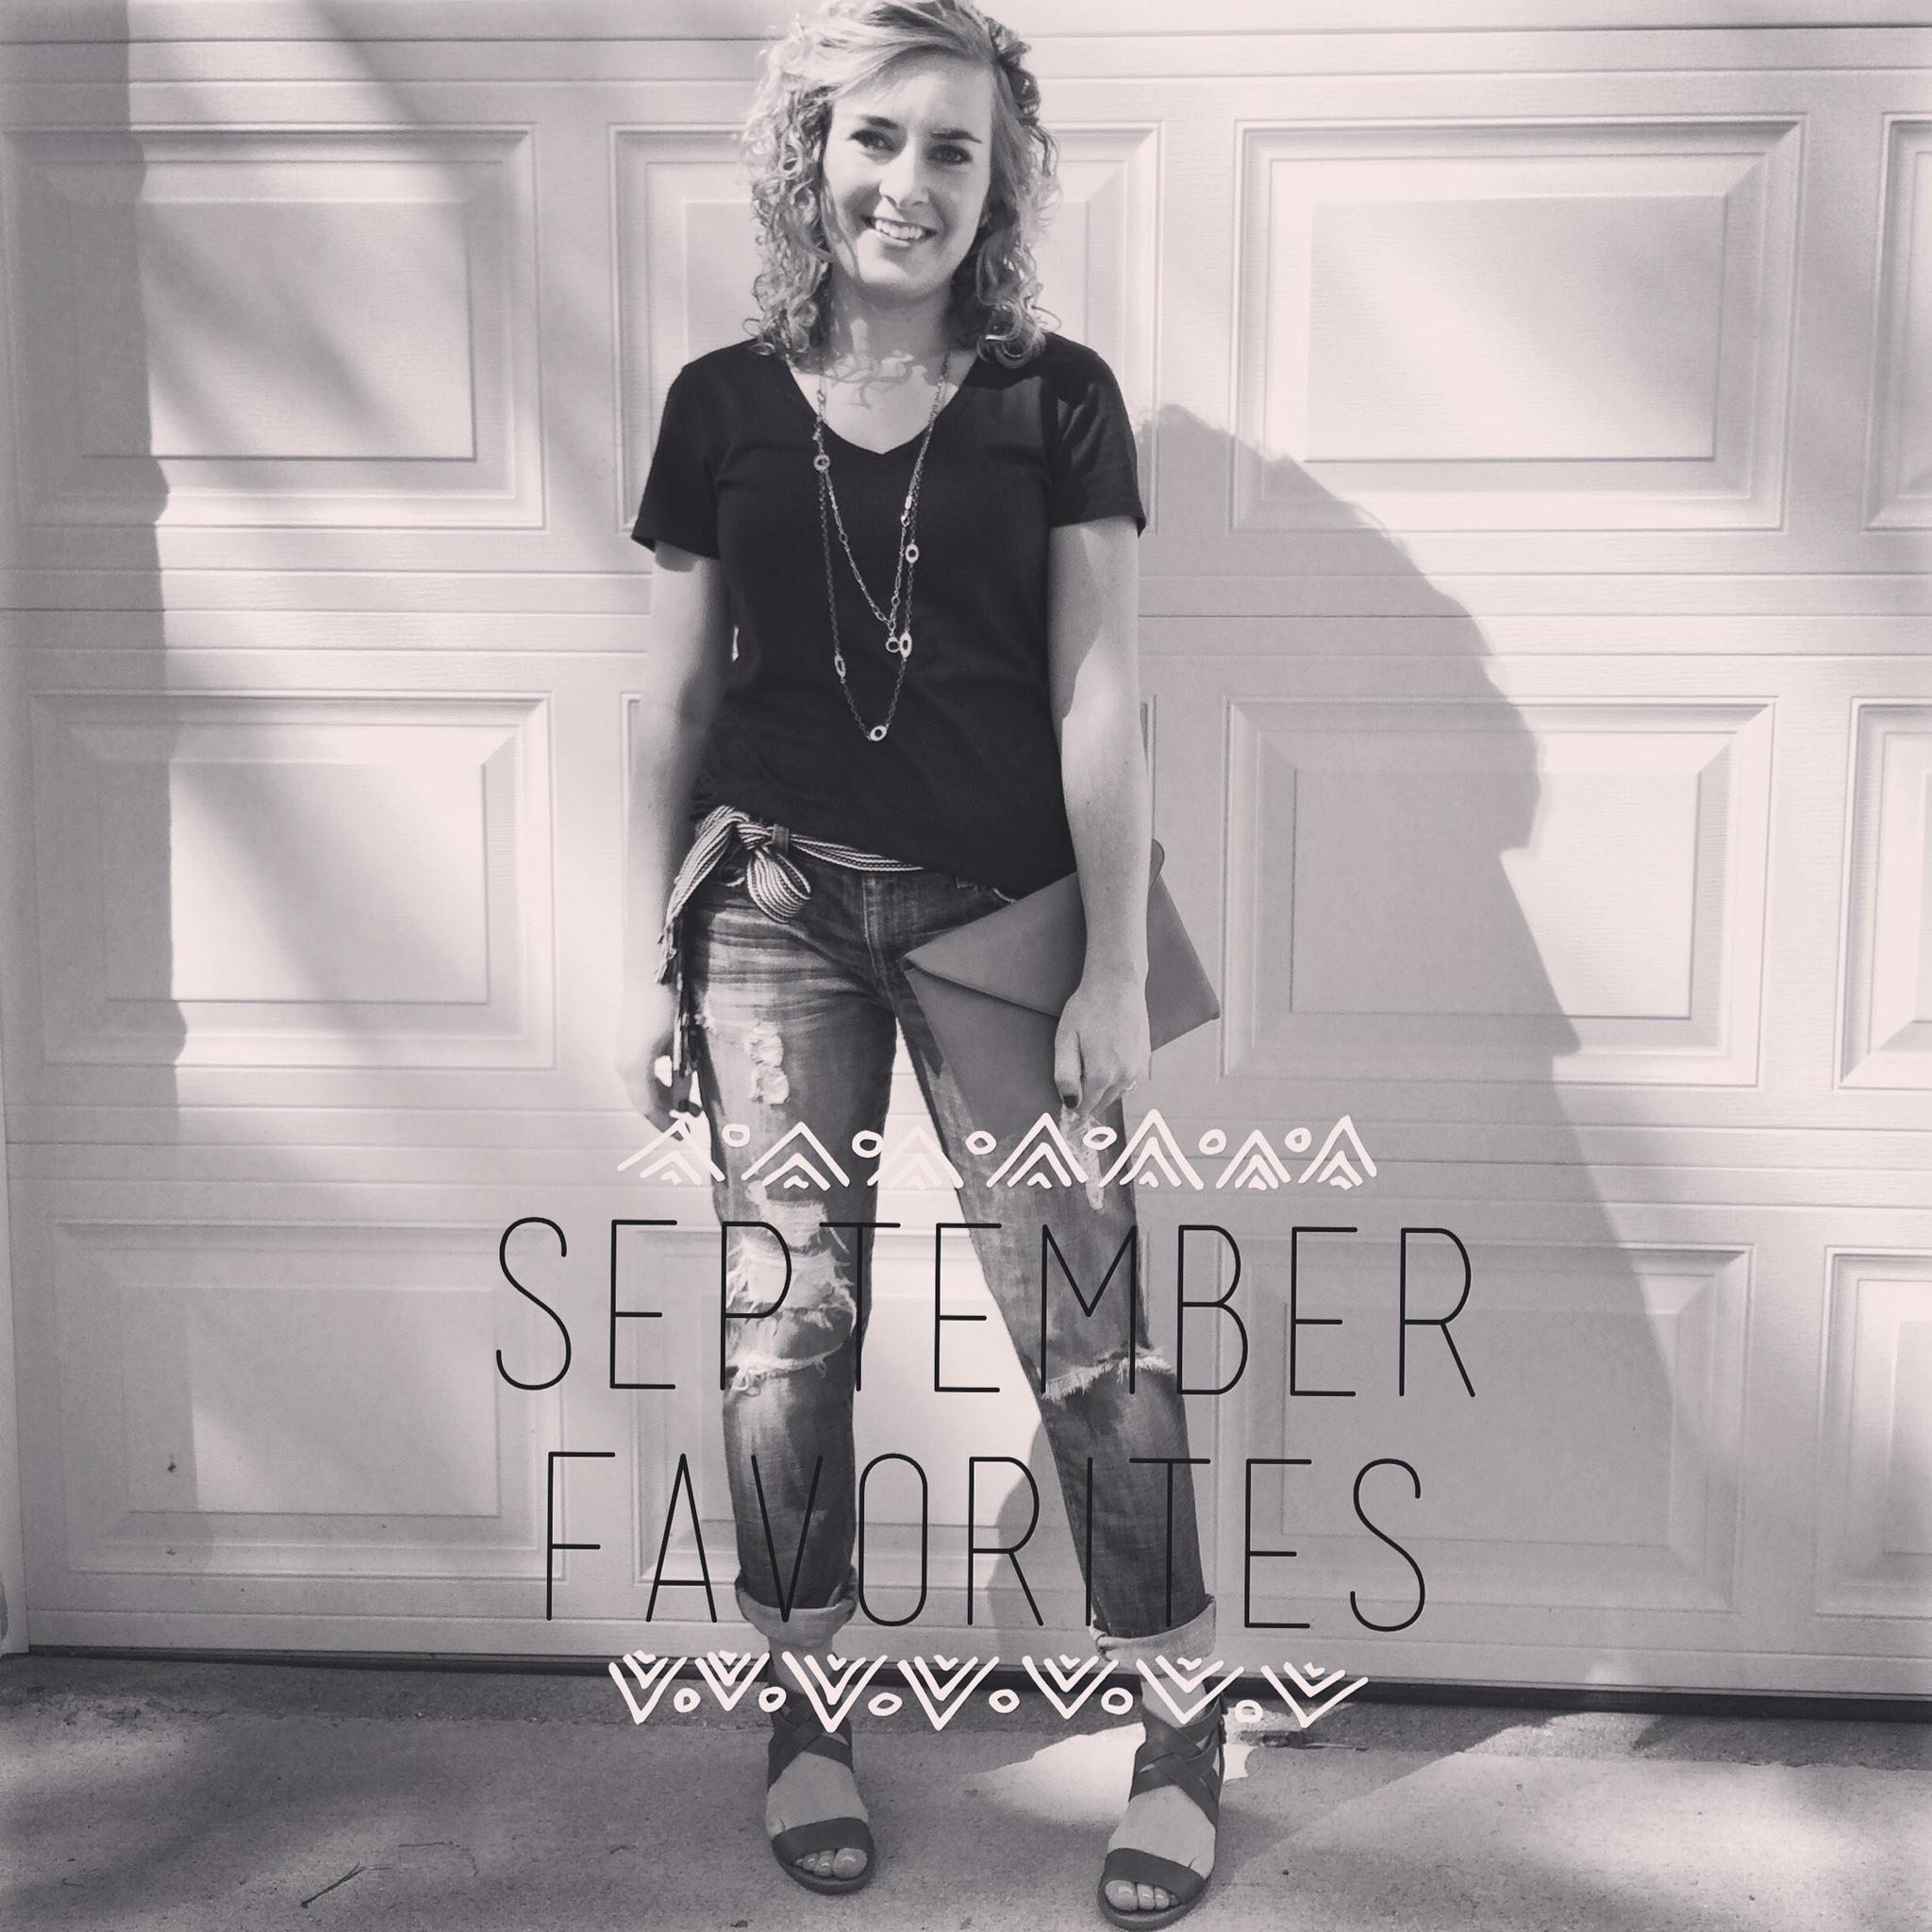 SeptemberFavorites_Cover